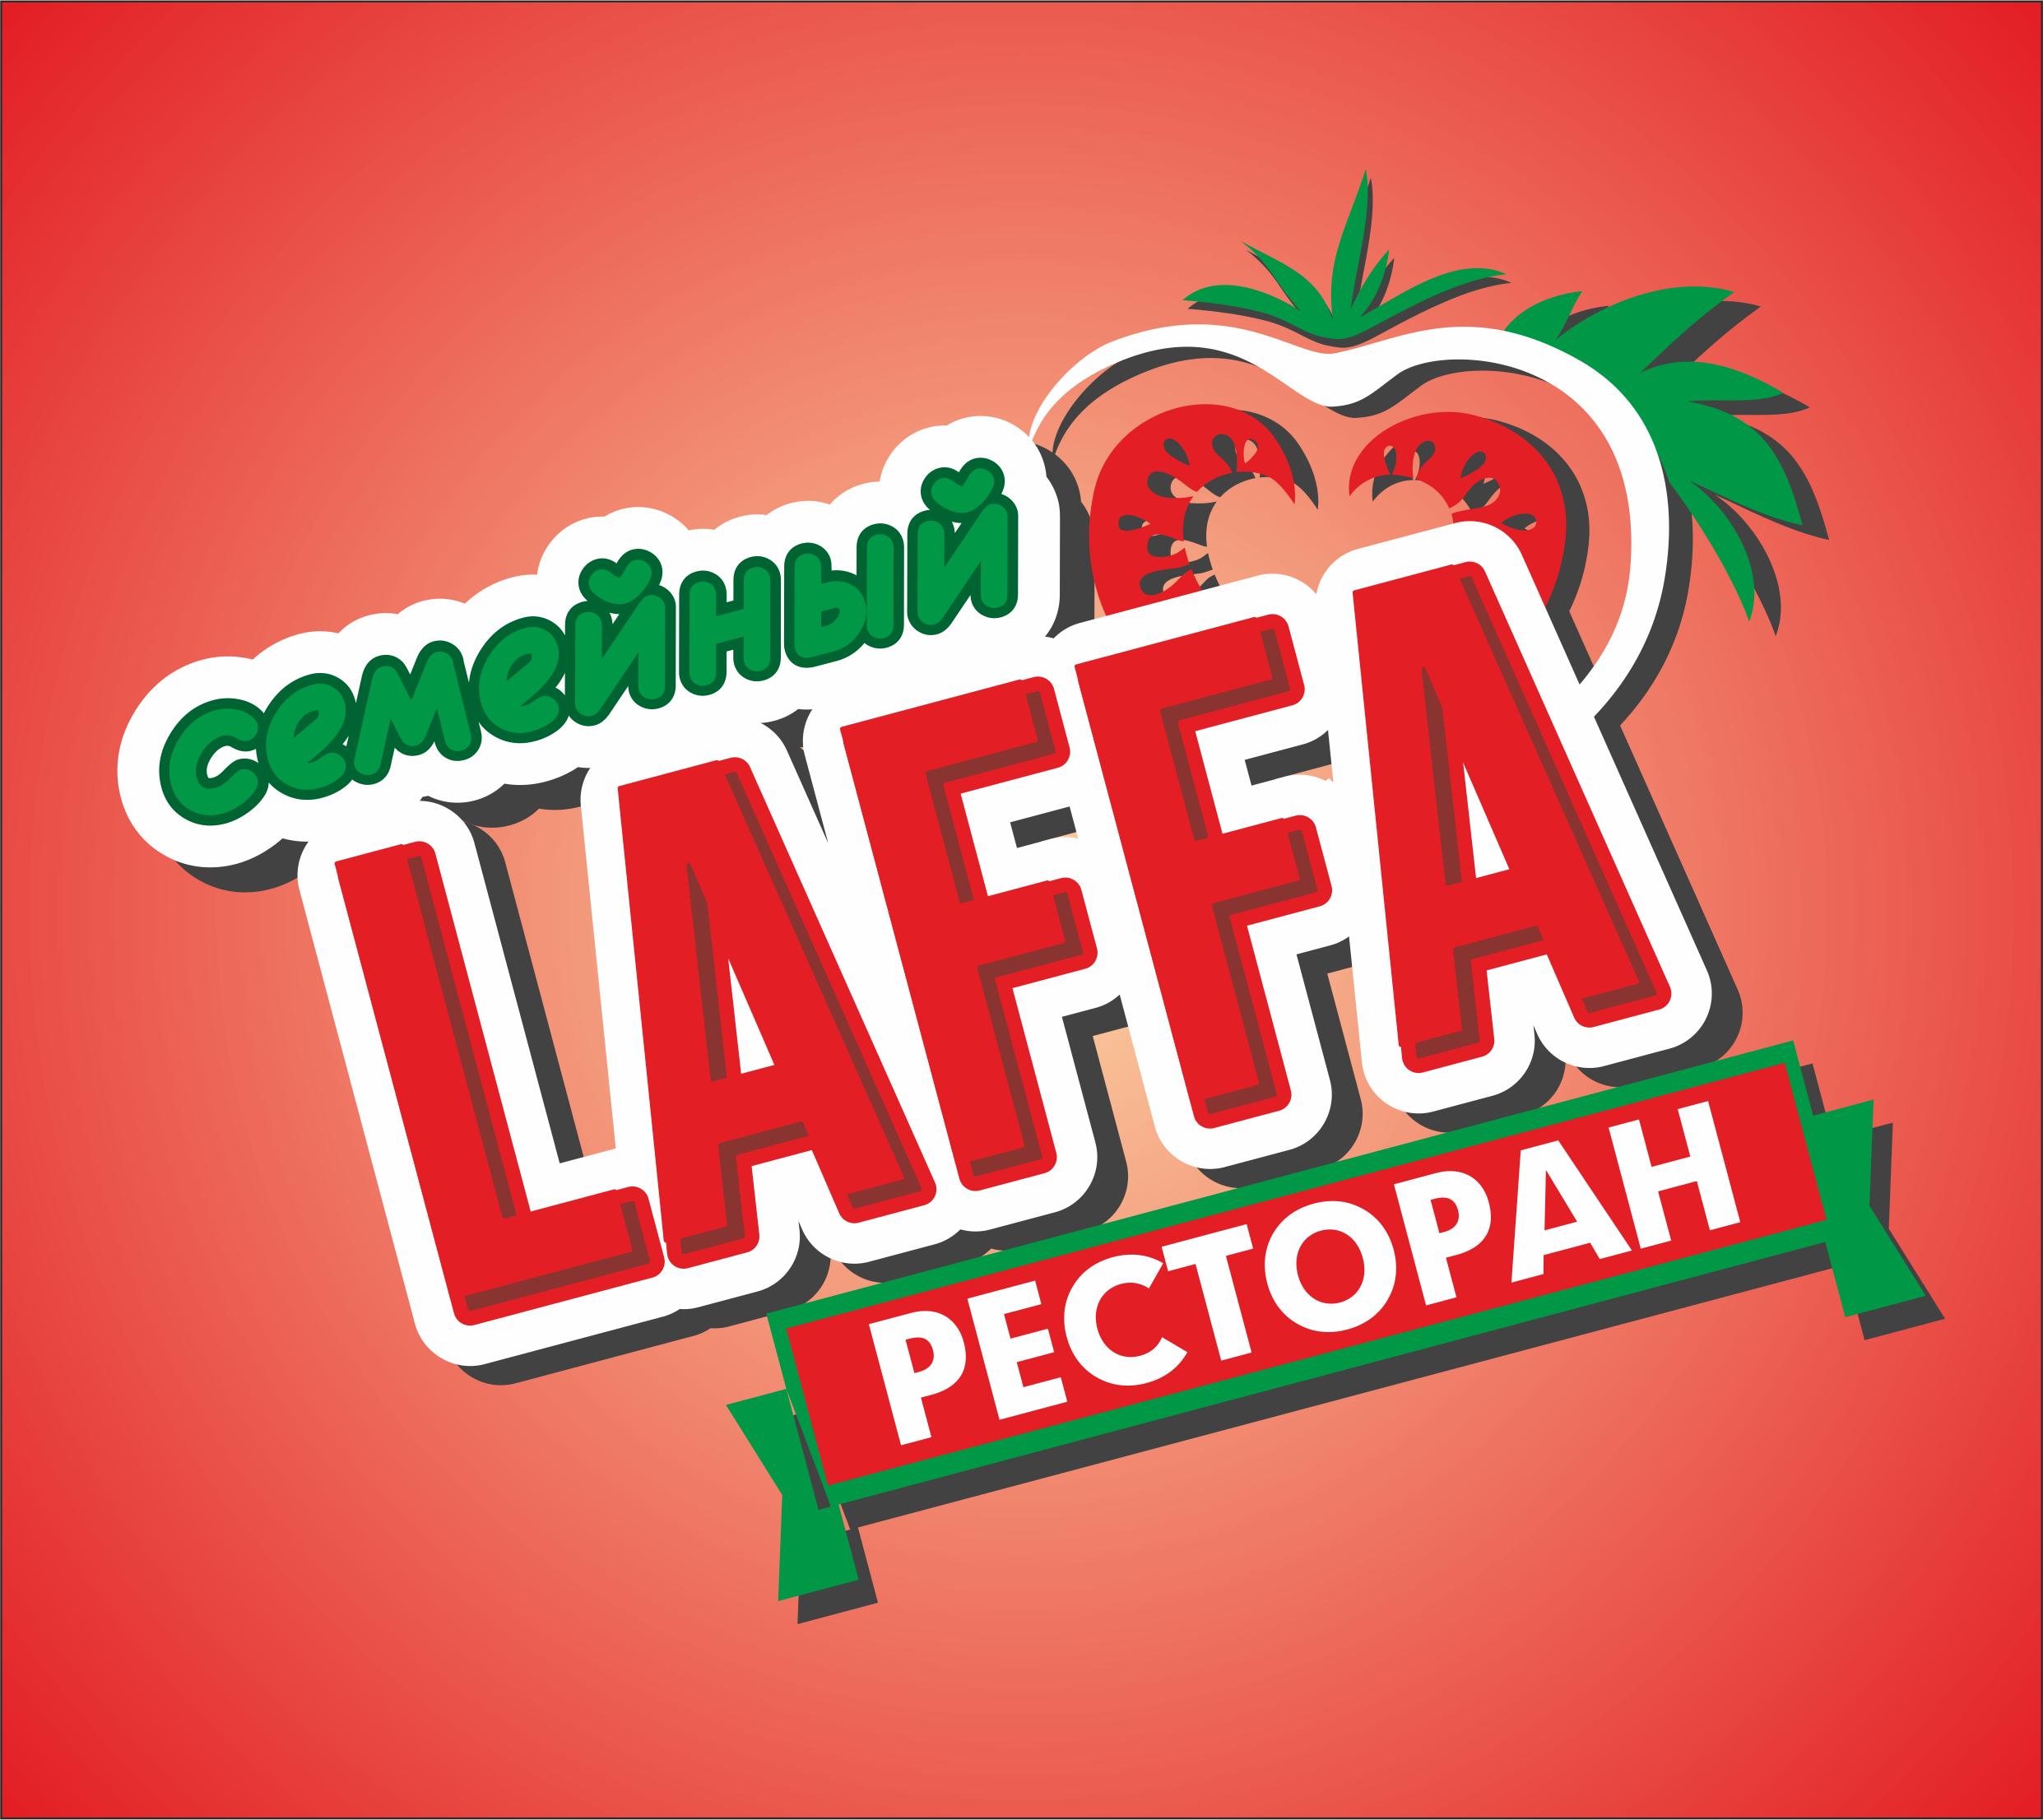 Нужно нарисовать логотип для семейного итальянского ресторан фото f_801554cfc3c5aa1d.png